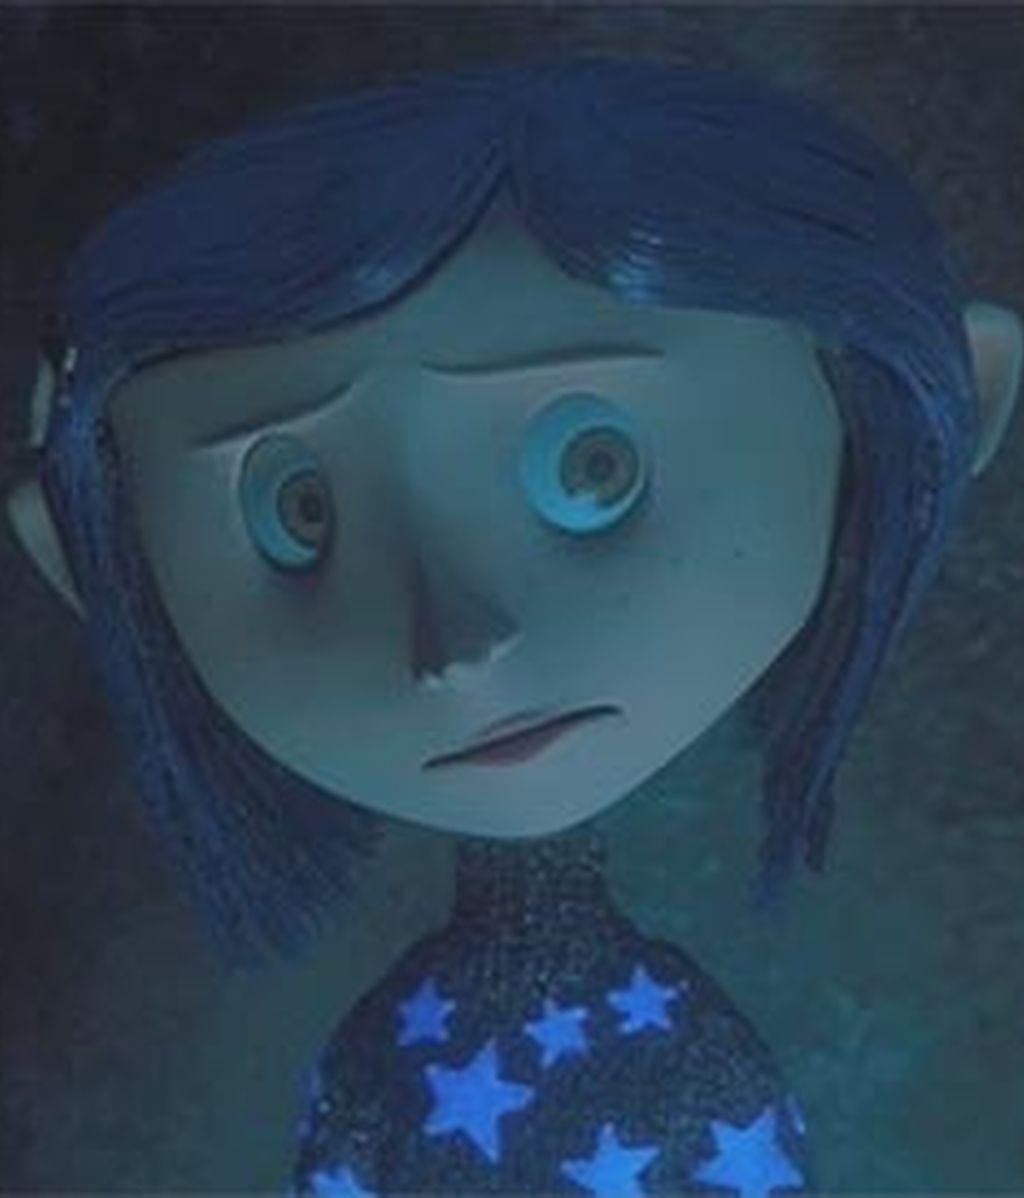 'Los mundos de Coraline', una película de terror infantil. Foto: Archivo